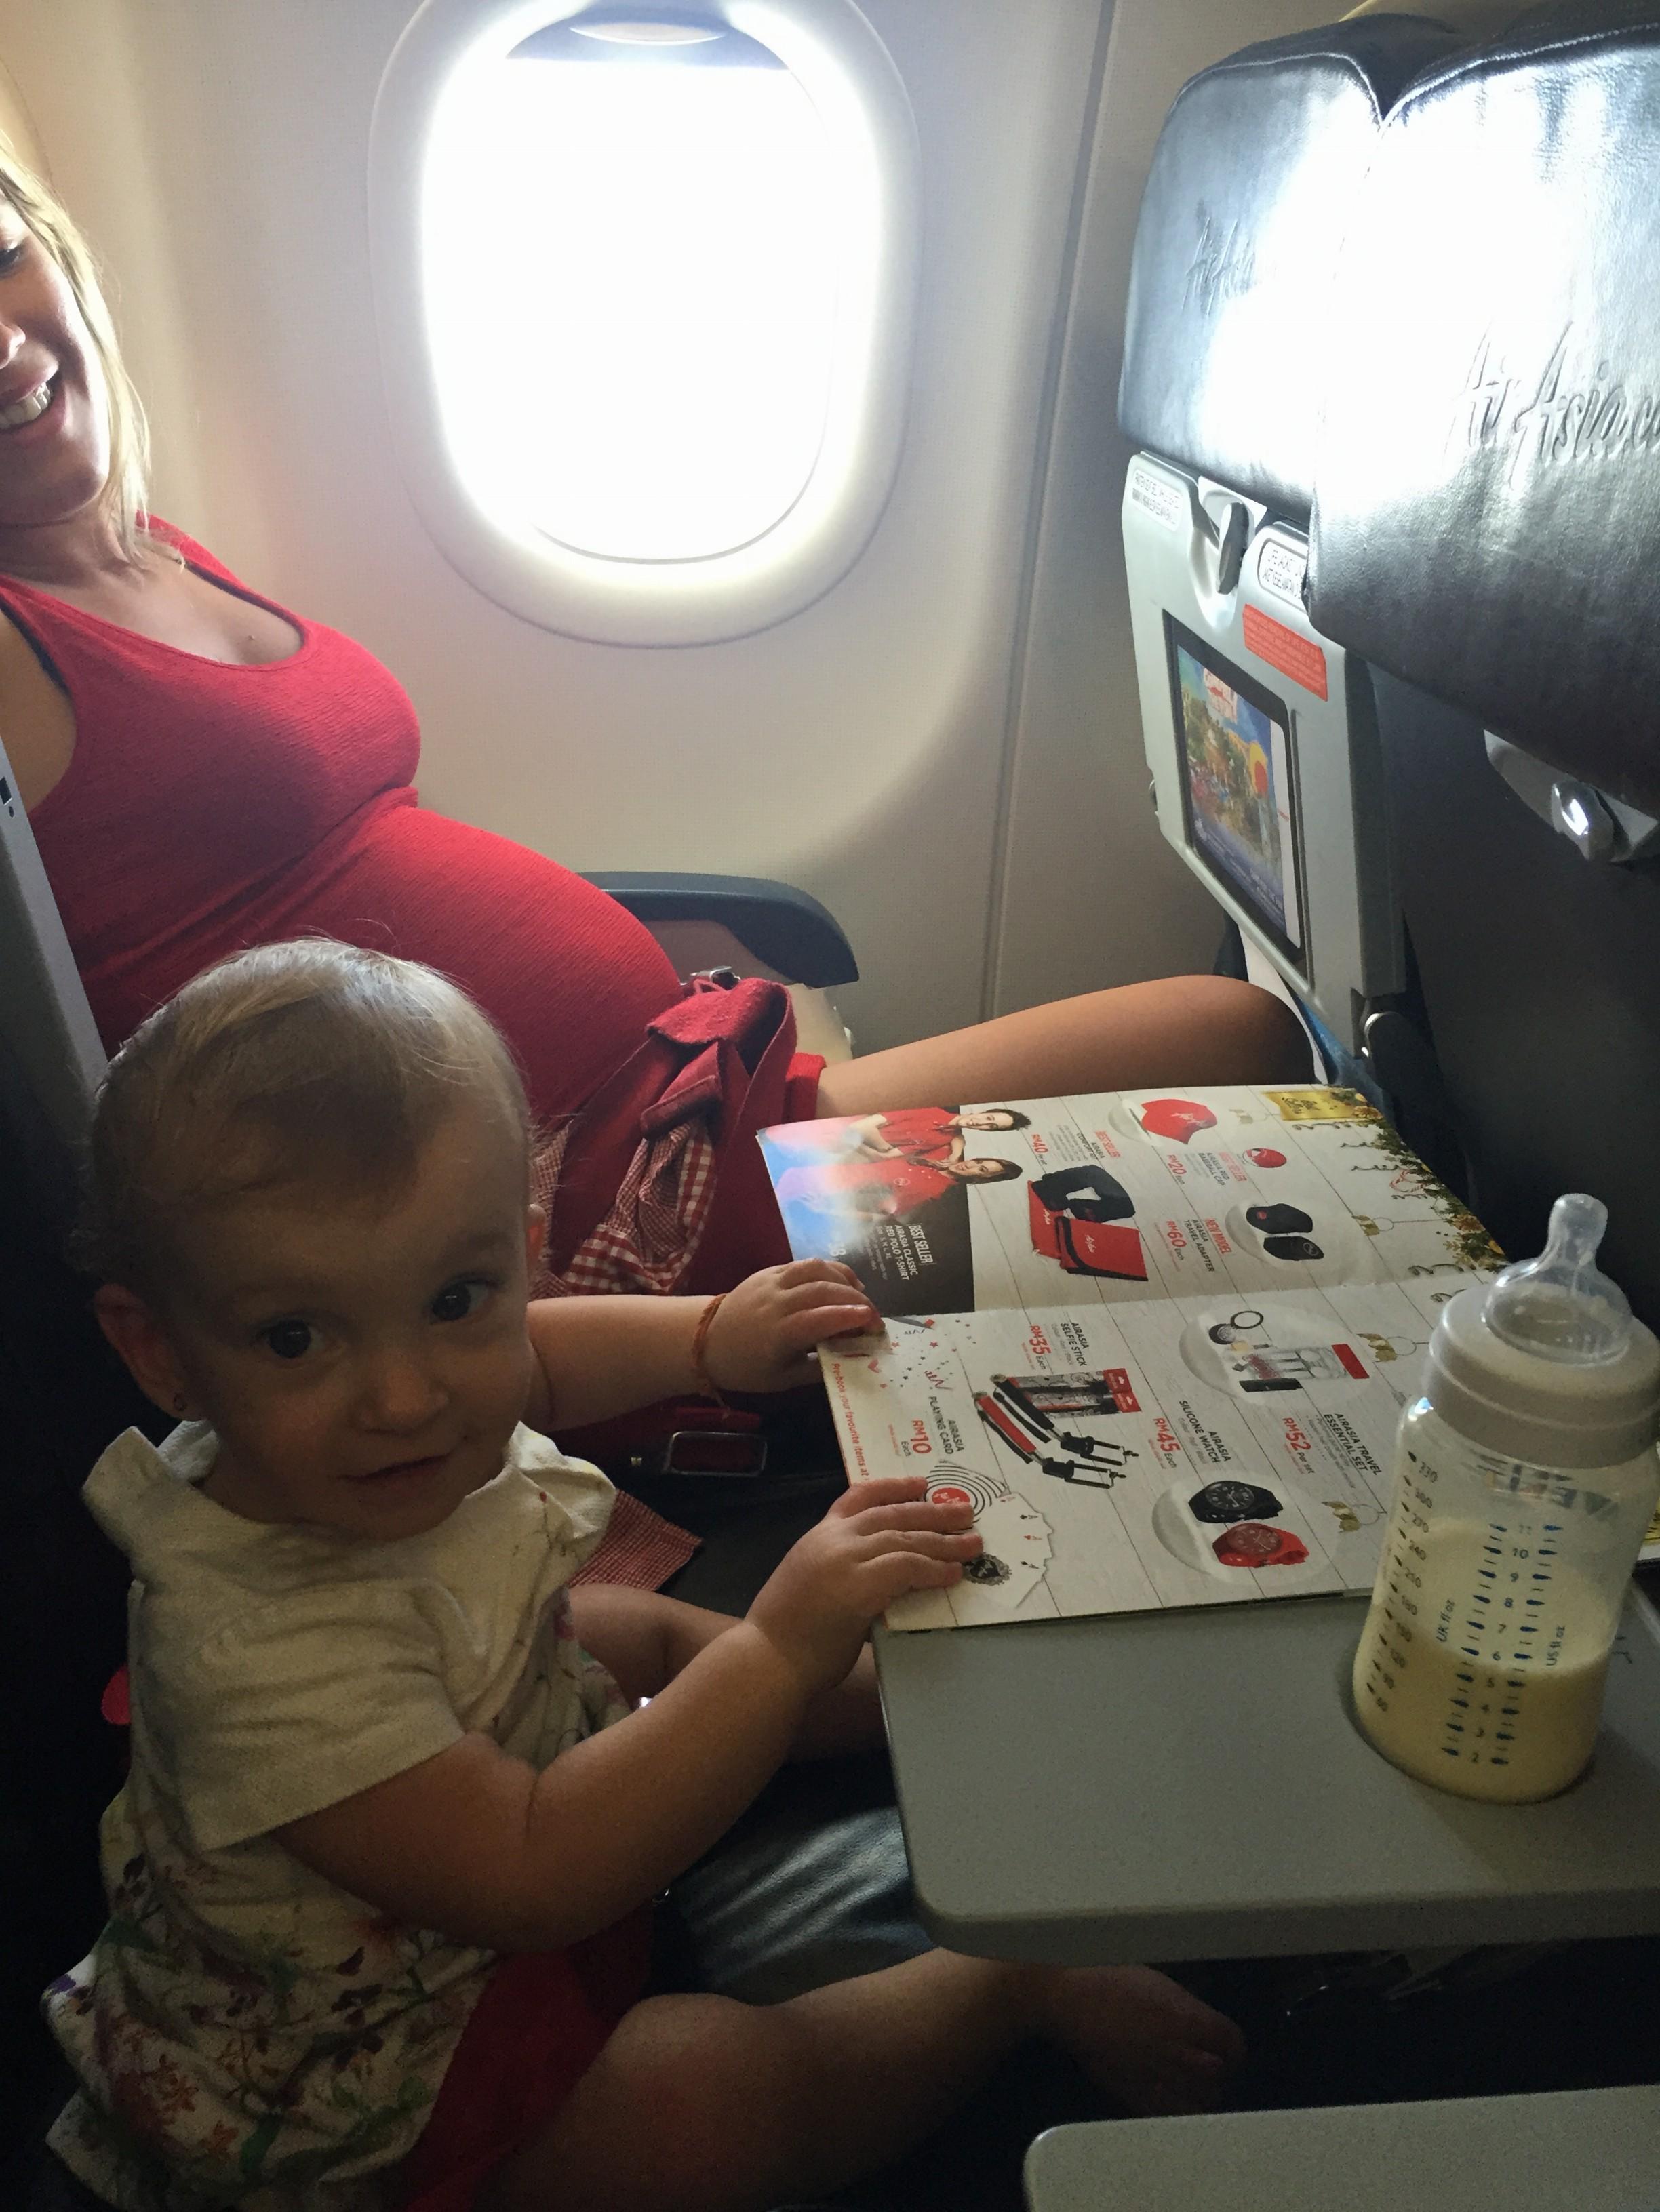 Viajar de aviao gravida - Voyager en avion enceinte